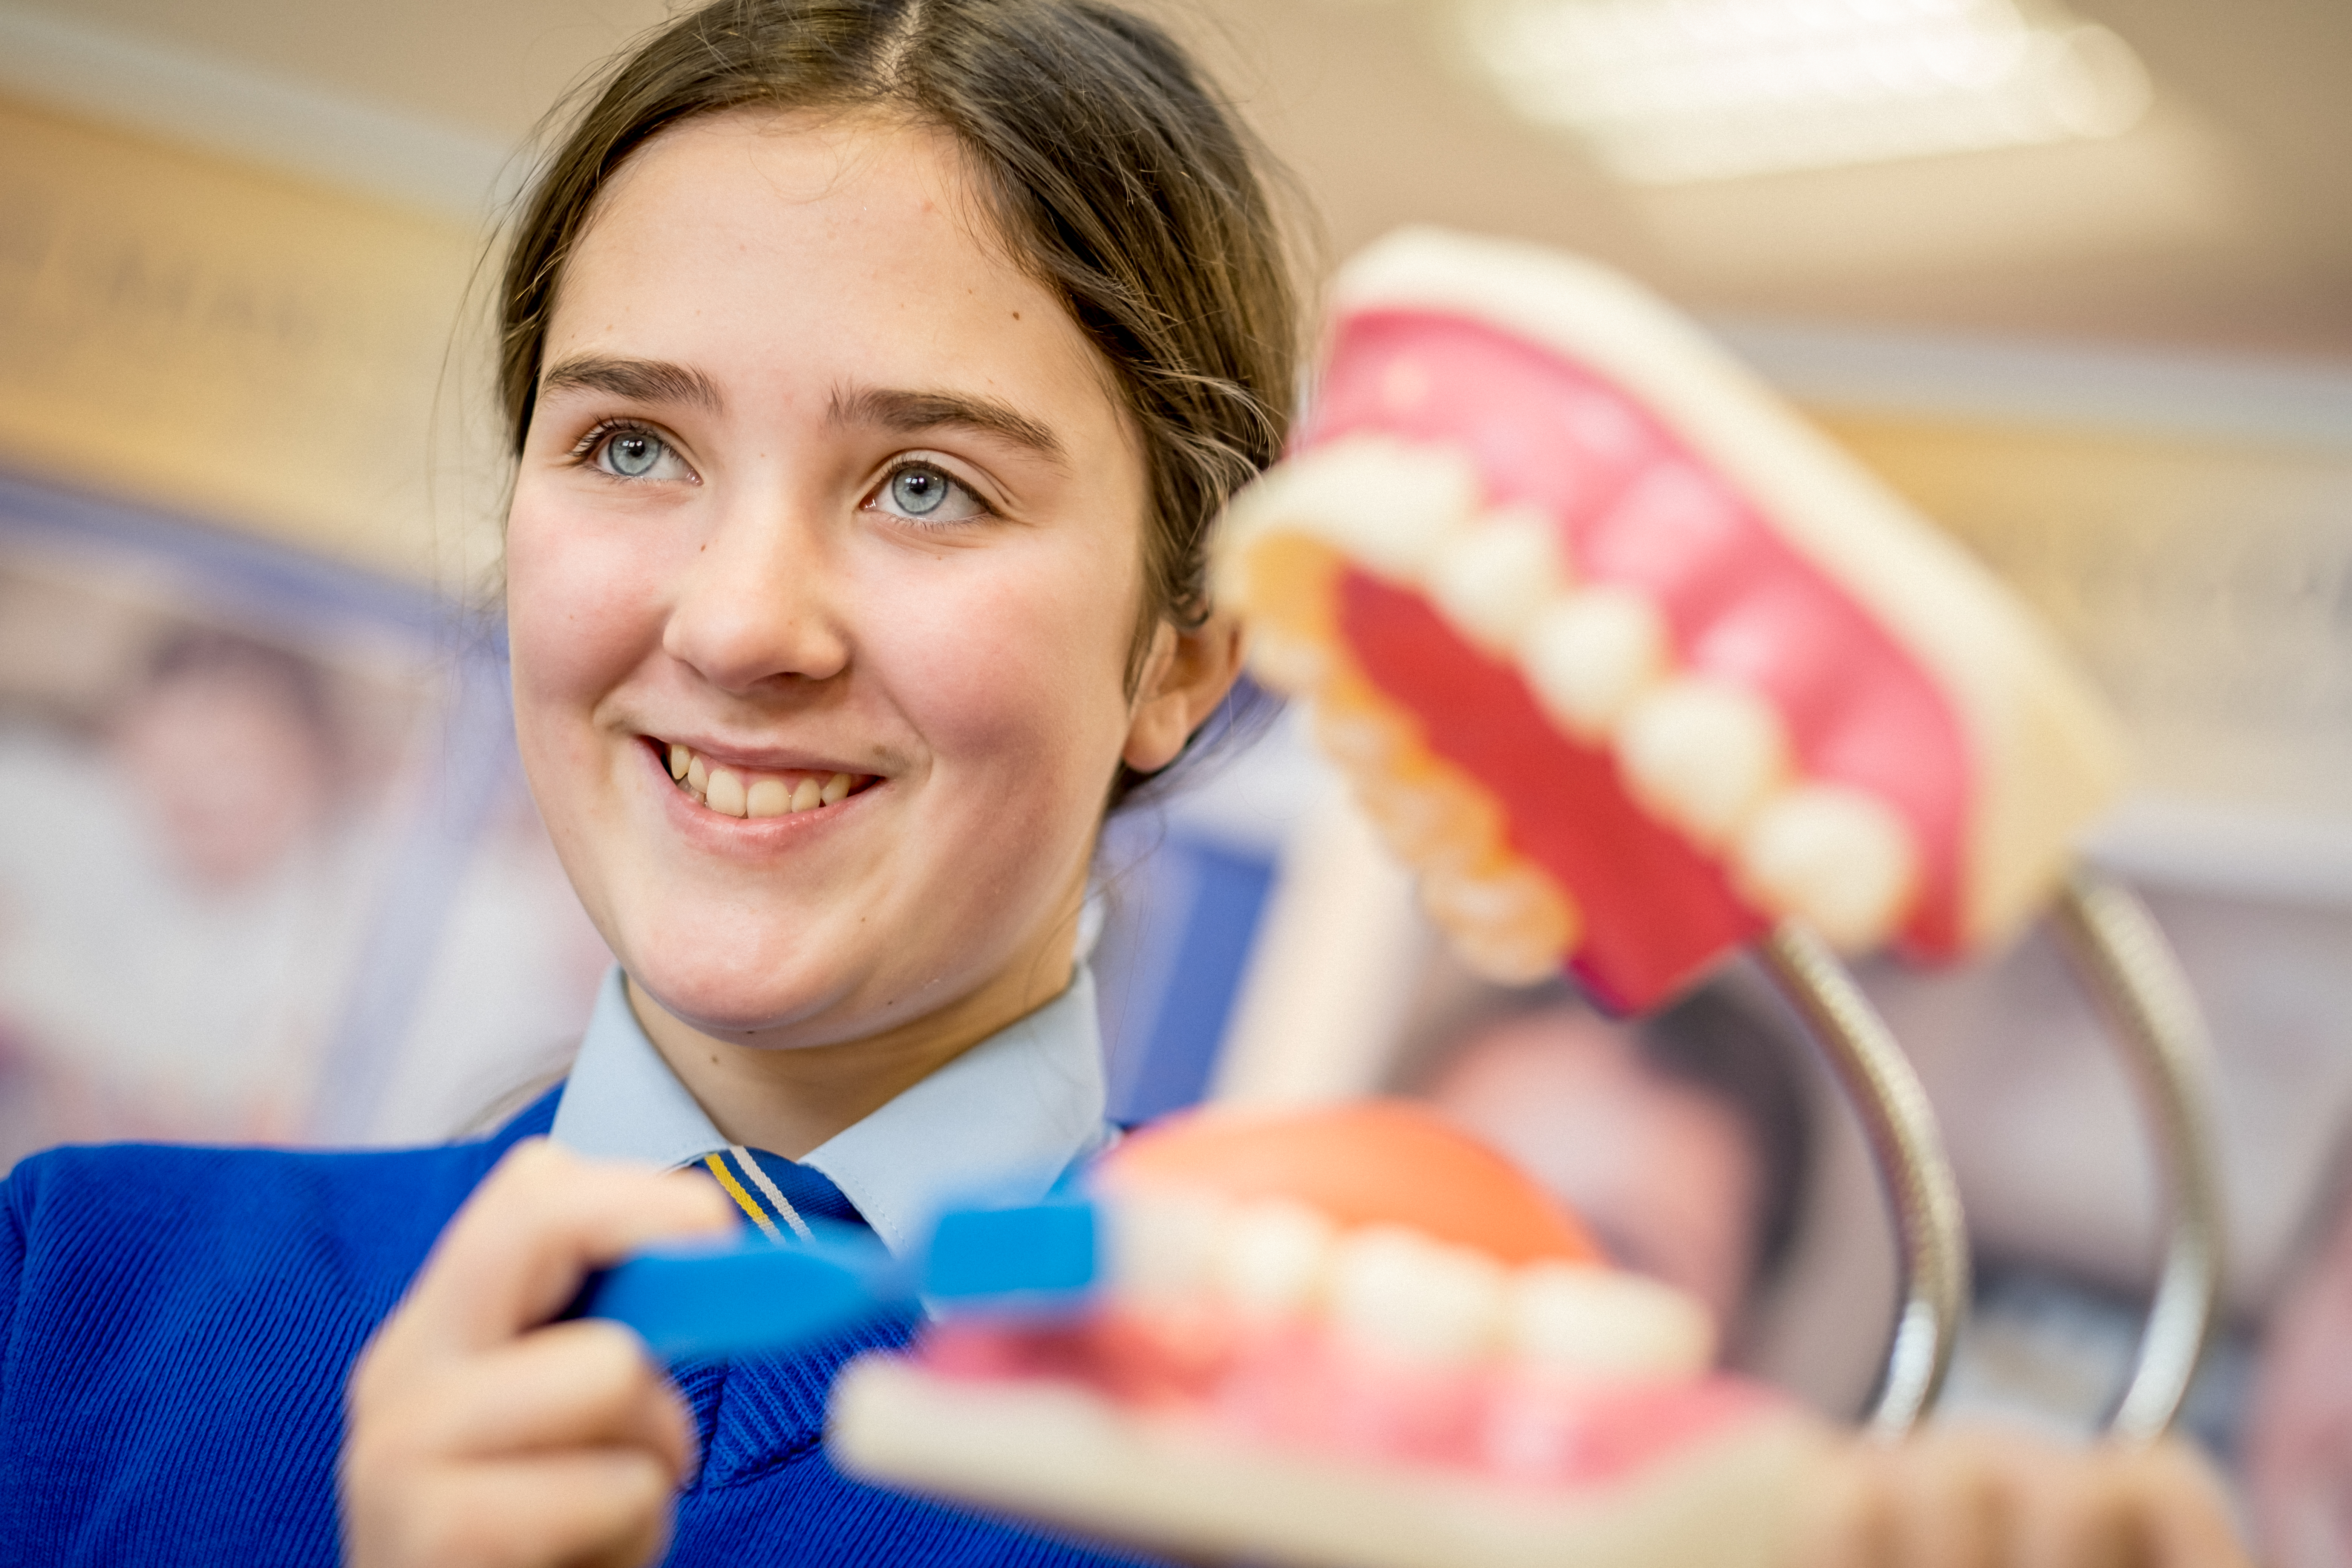 girl with dental model